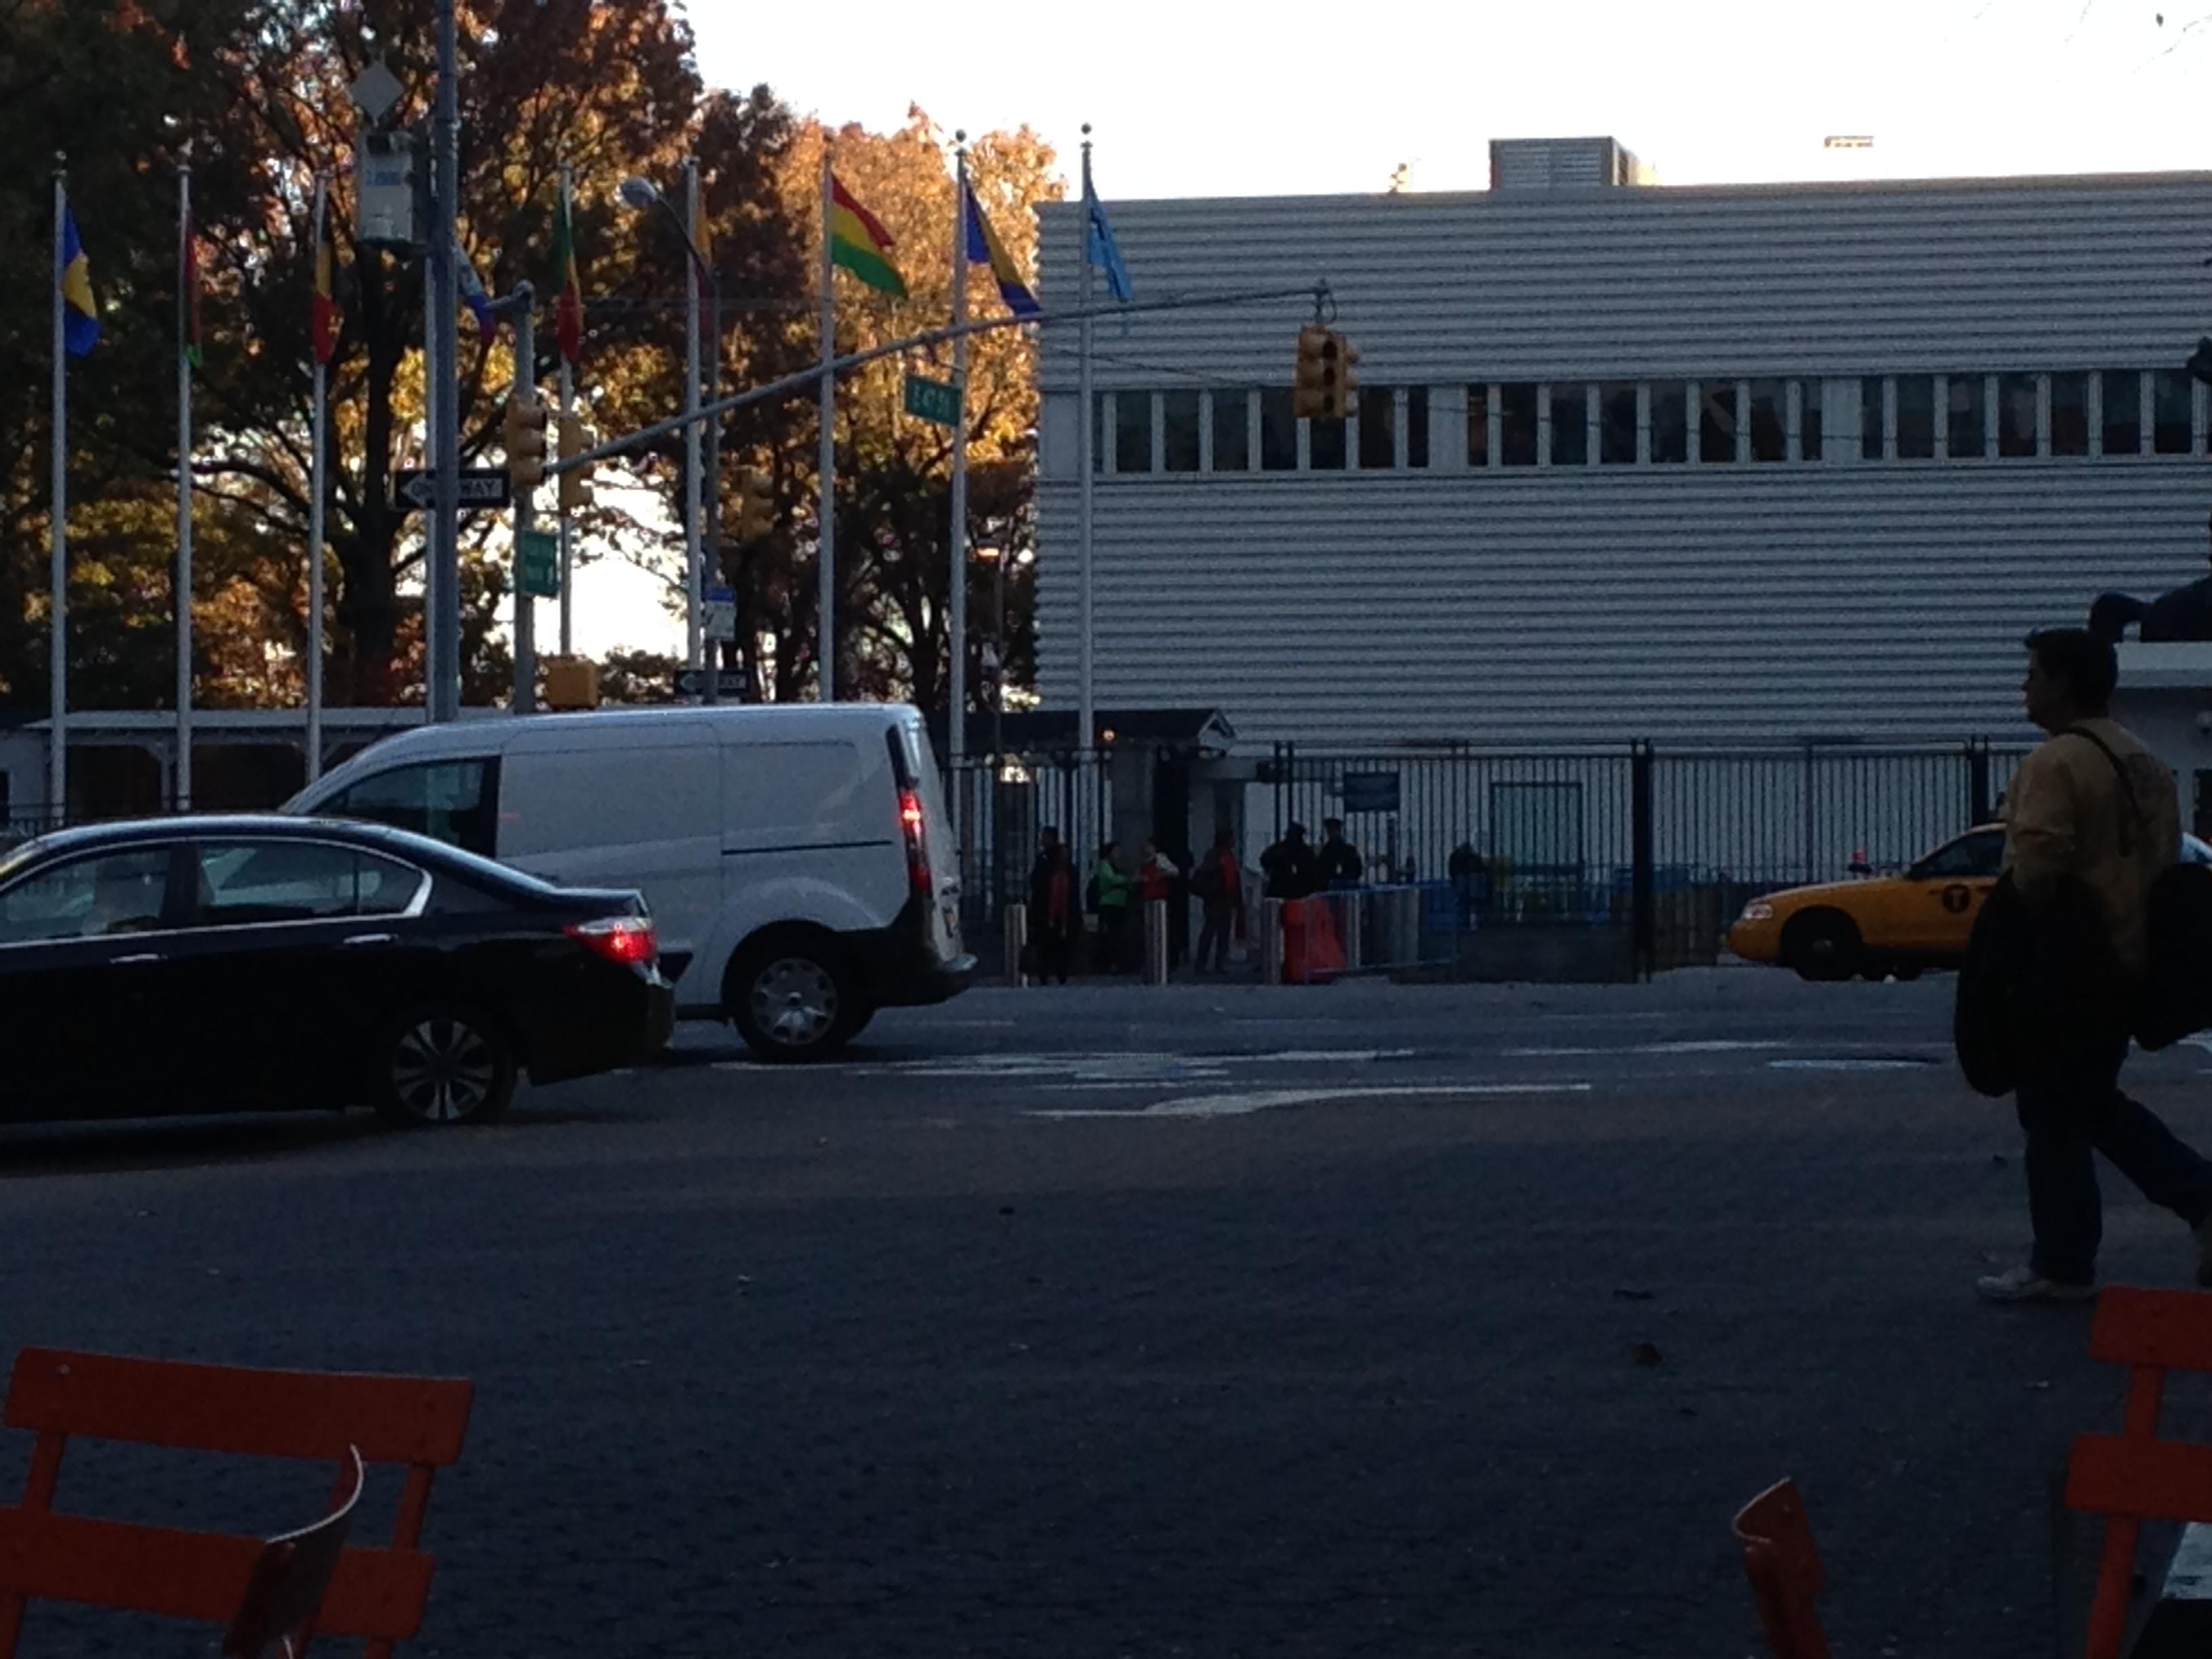 20141110 202357911 ios - Visitando la sede de la ONU en New York